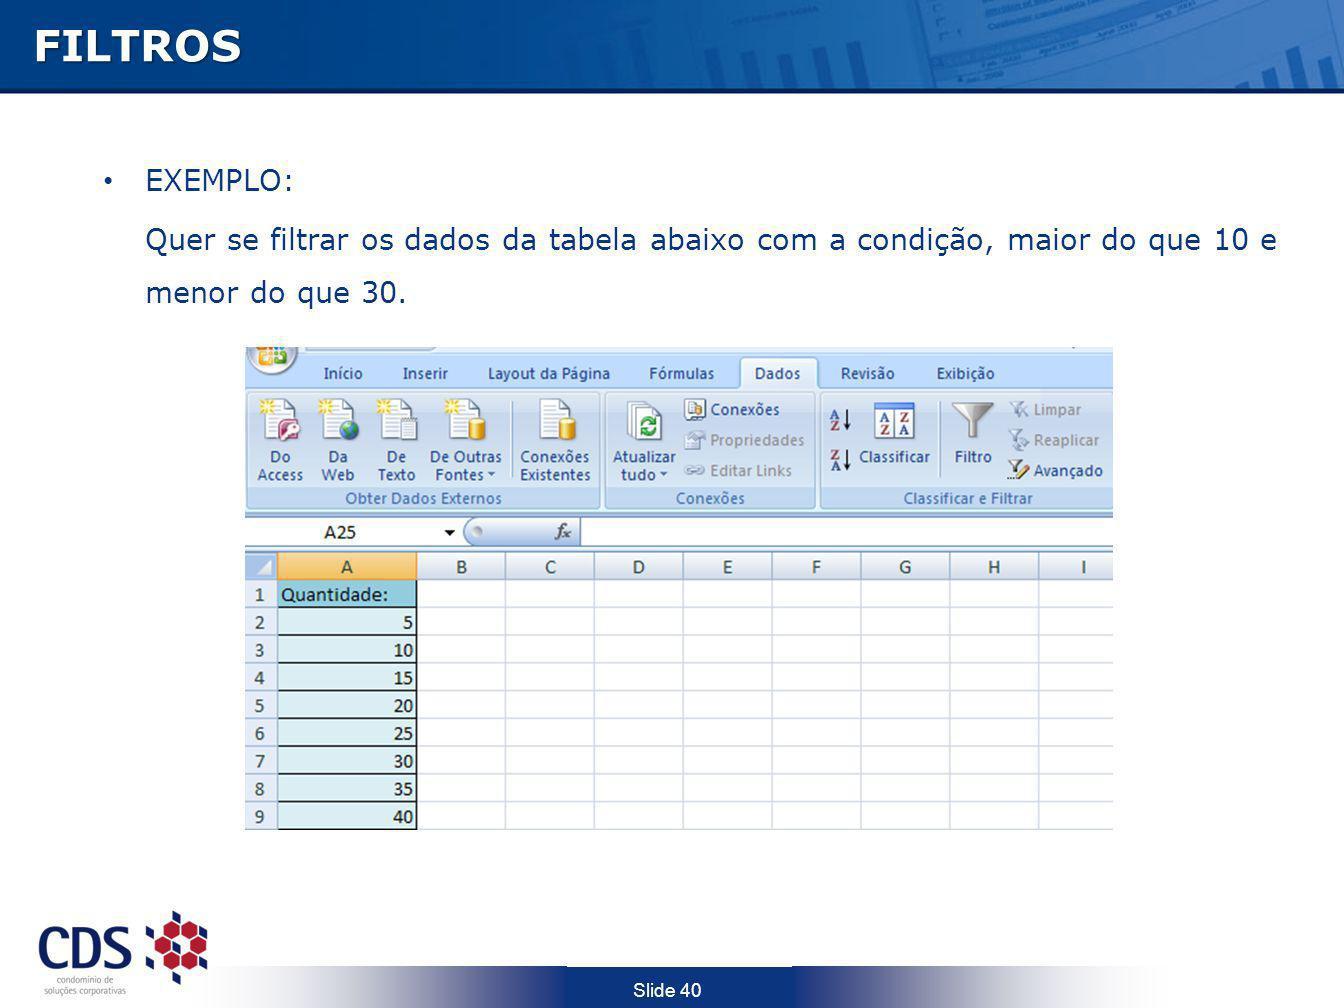 FILTROS EXEMPLO: Quer se filtrar os dados da tabela abaixo com a condição, maior do que 10 e menor do que 30.